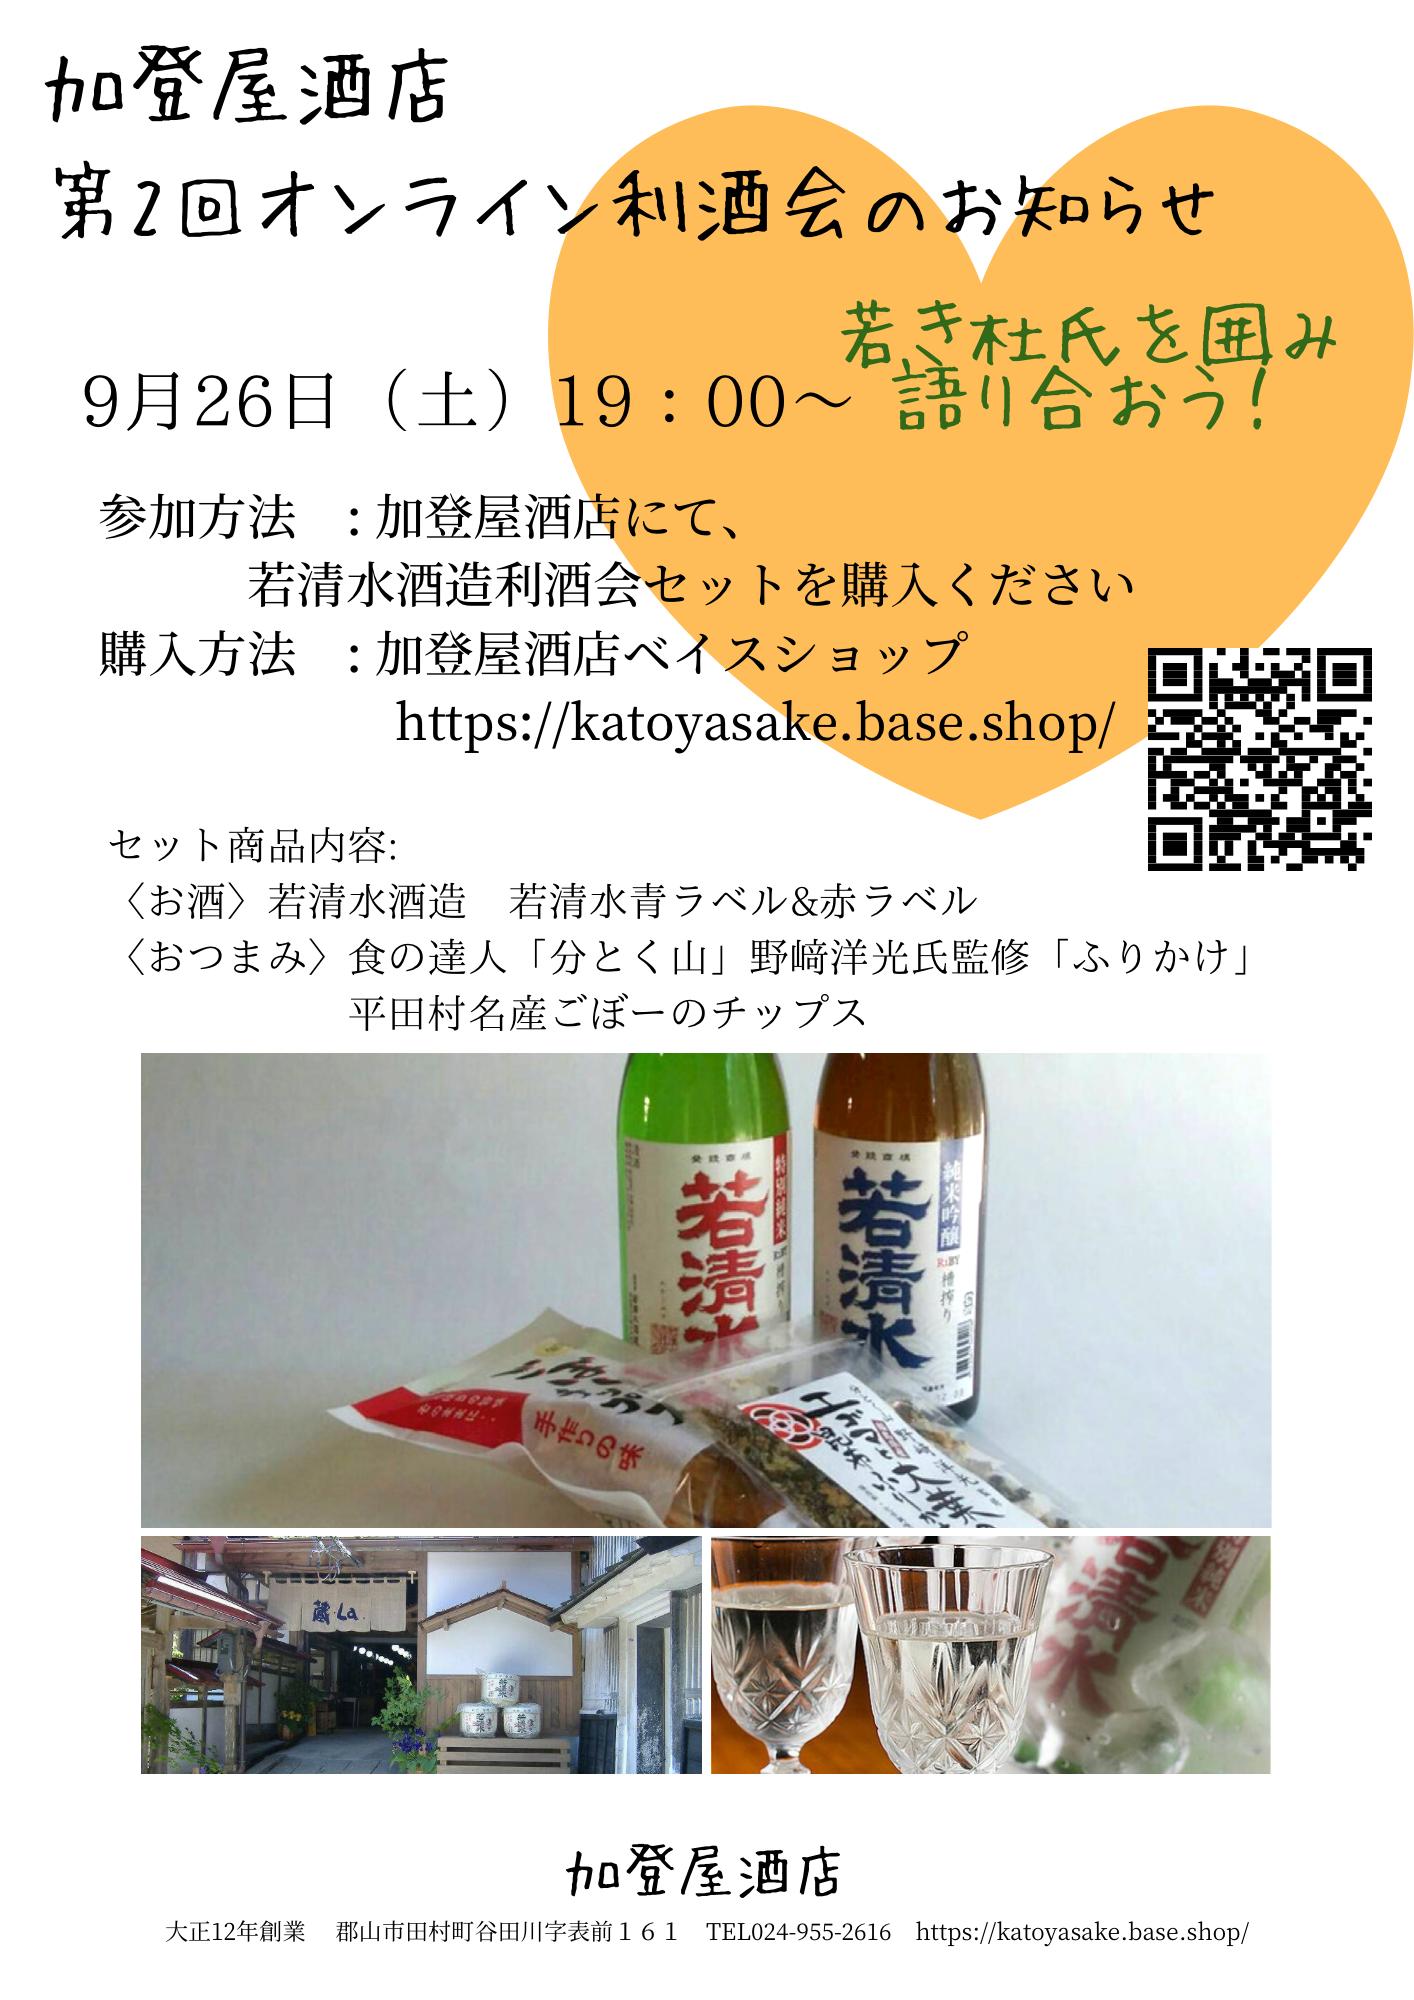 若清水酒造とコラボしたオンライン利酒会 9月26日(土)開催